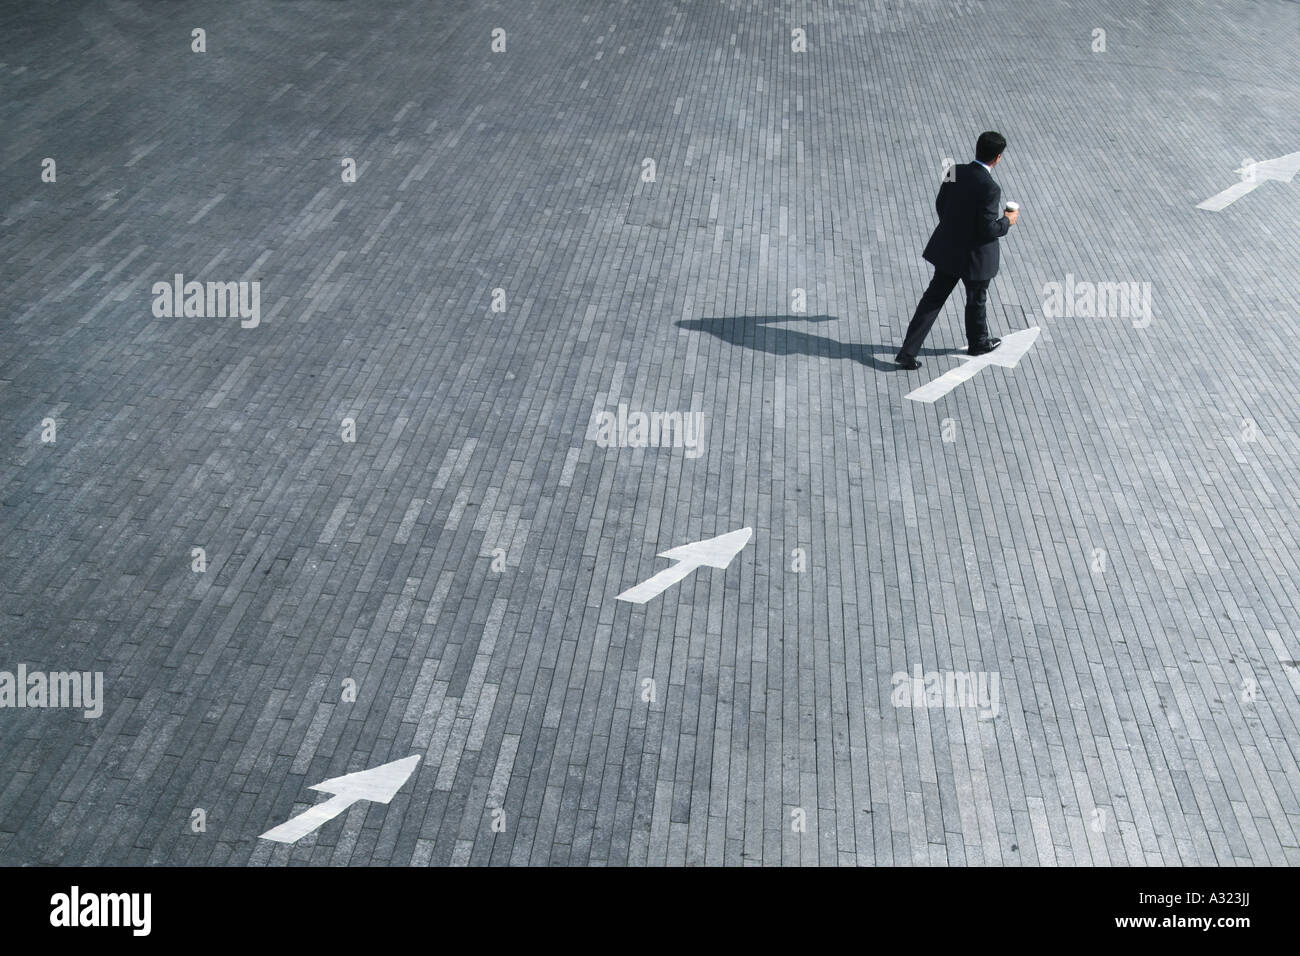 Concepto de negocio de un hombre siguiendo el sentido de las flechas Imagen De Stock